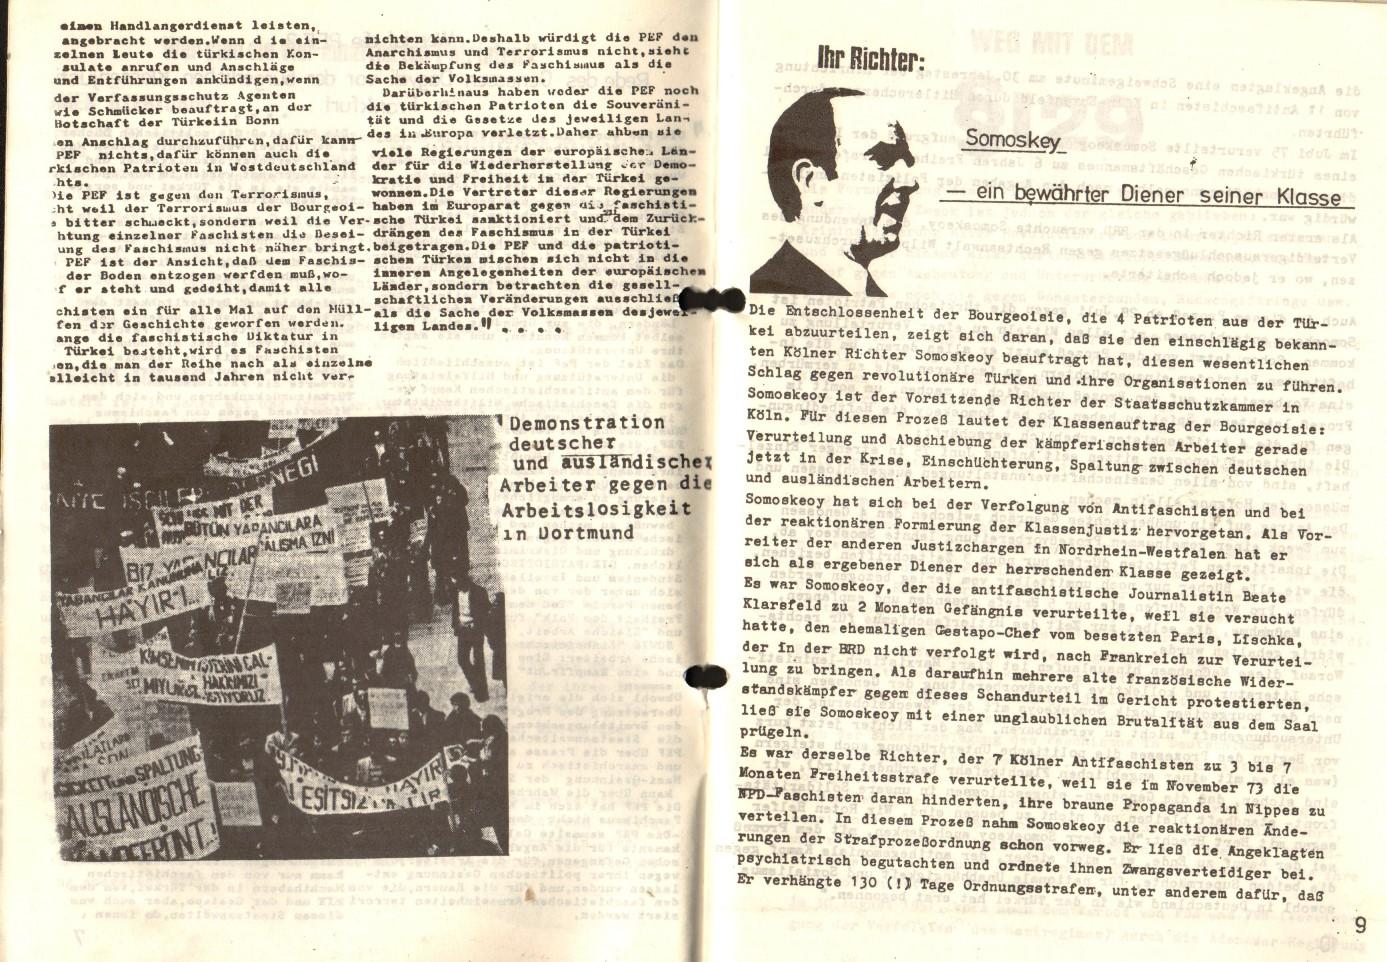 NRW_Rote_Hilfe_1975_Sofortige_Freilassung_der_tuerkischen_Patrioten_06